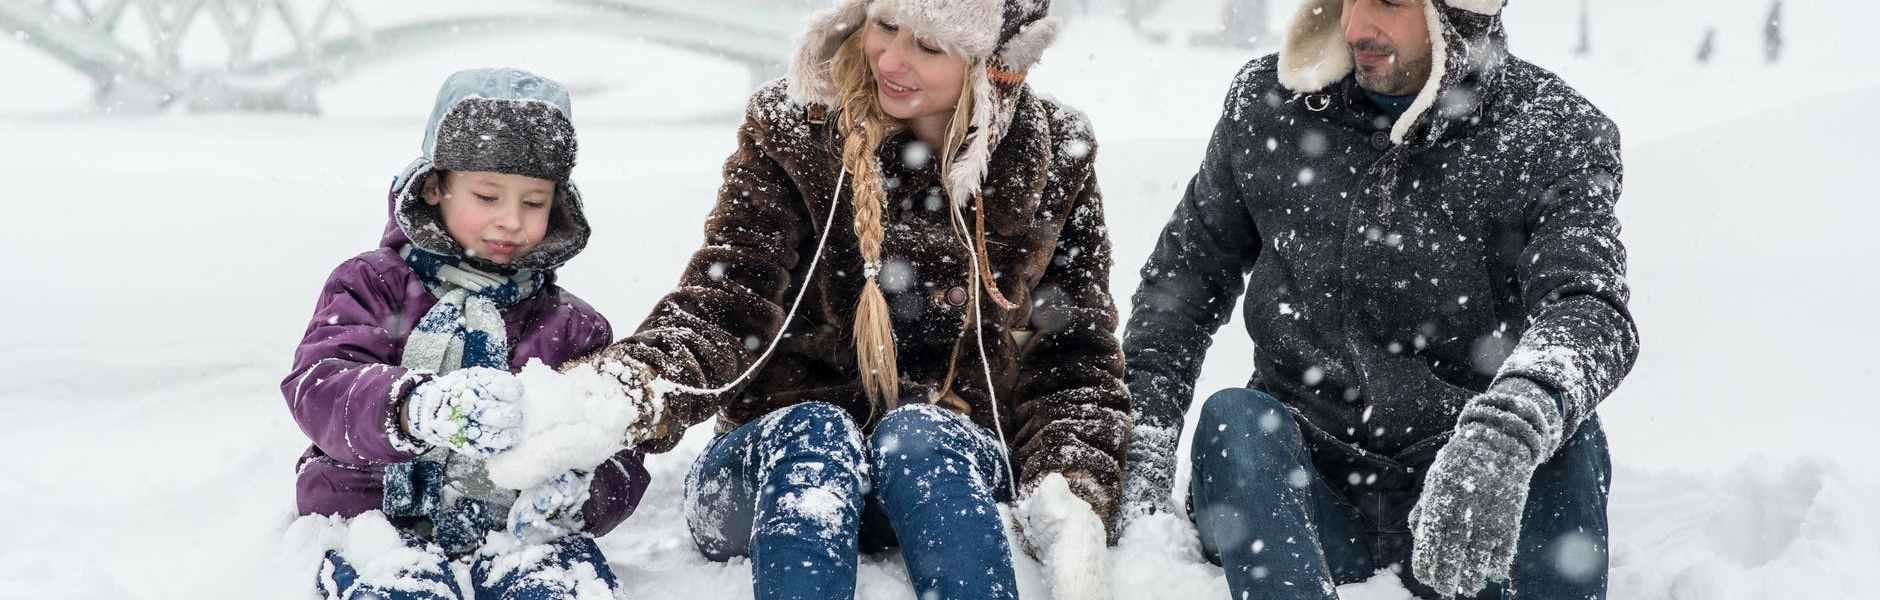 Tajne vaših najbližih (po Zodijaku) woman man and girl sitting on snow